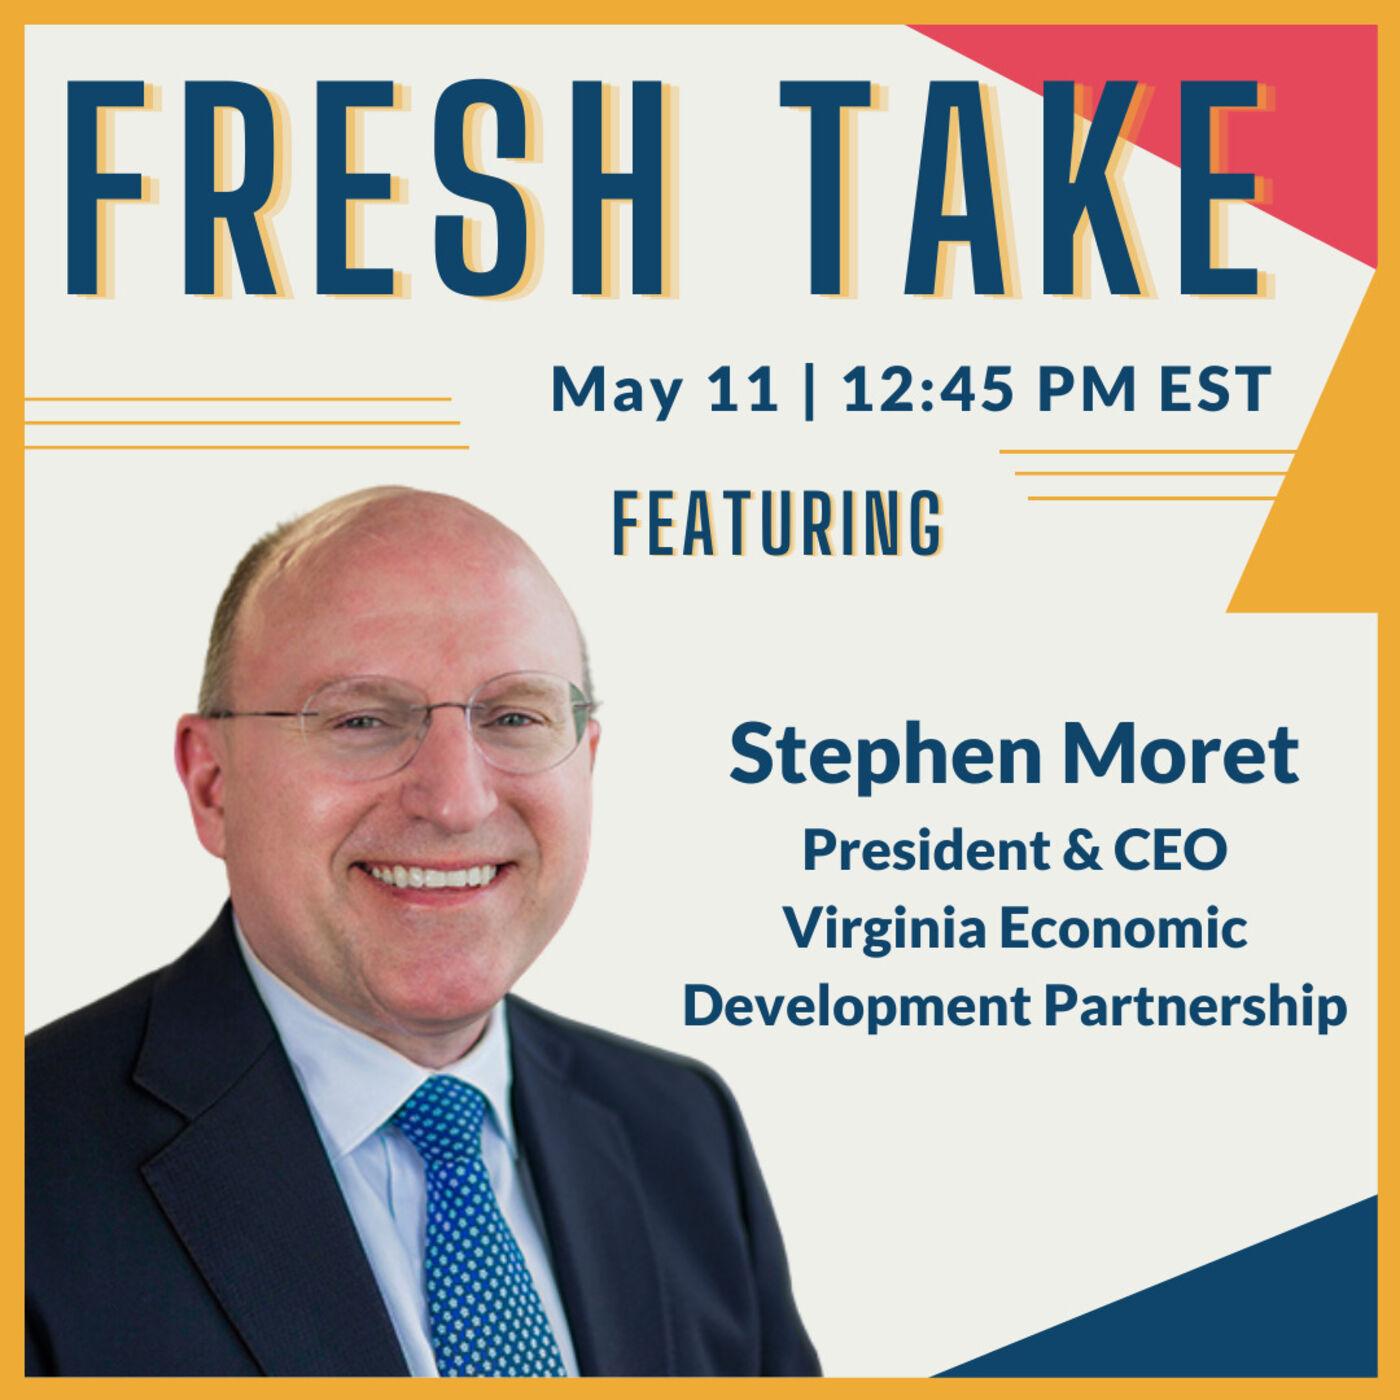 Fresh Take ft. Stephen Moret